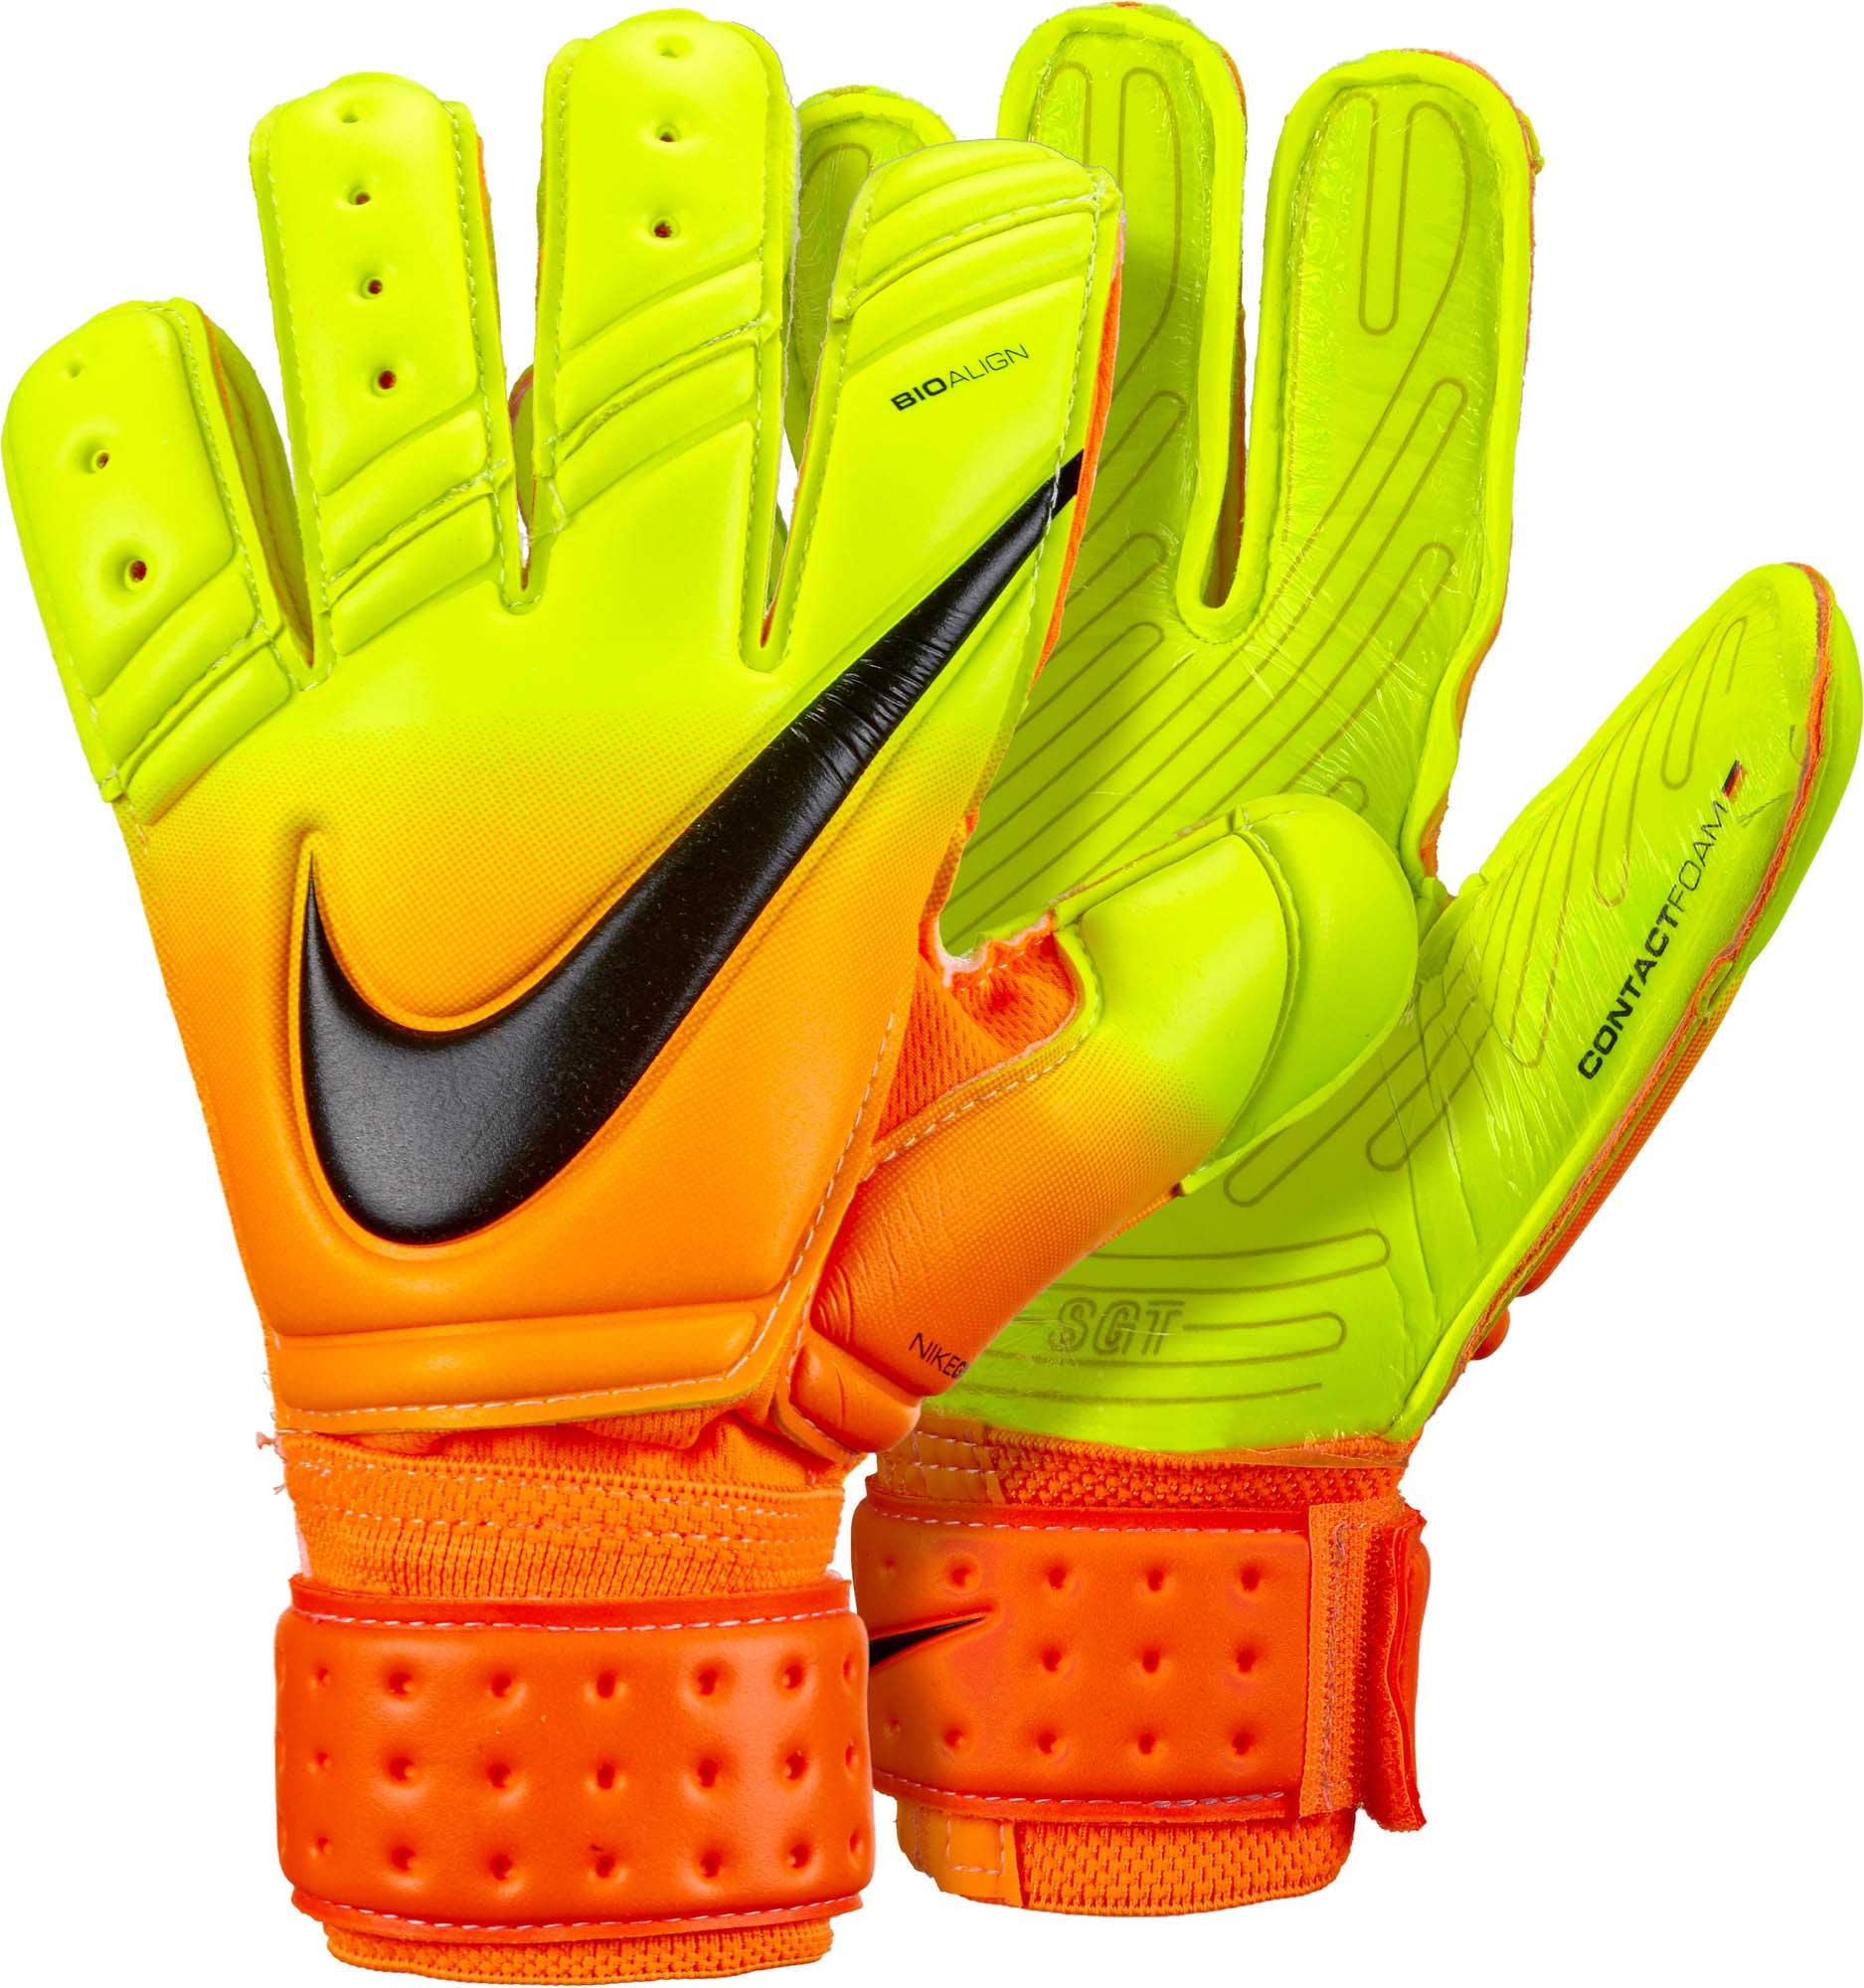 Nike Premier SGT Goalkeeper Gloves - Bright Citrus Volt - Soccer Master a99799403